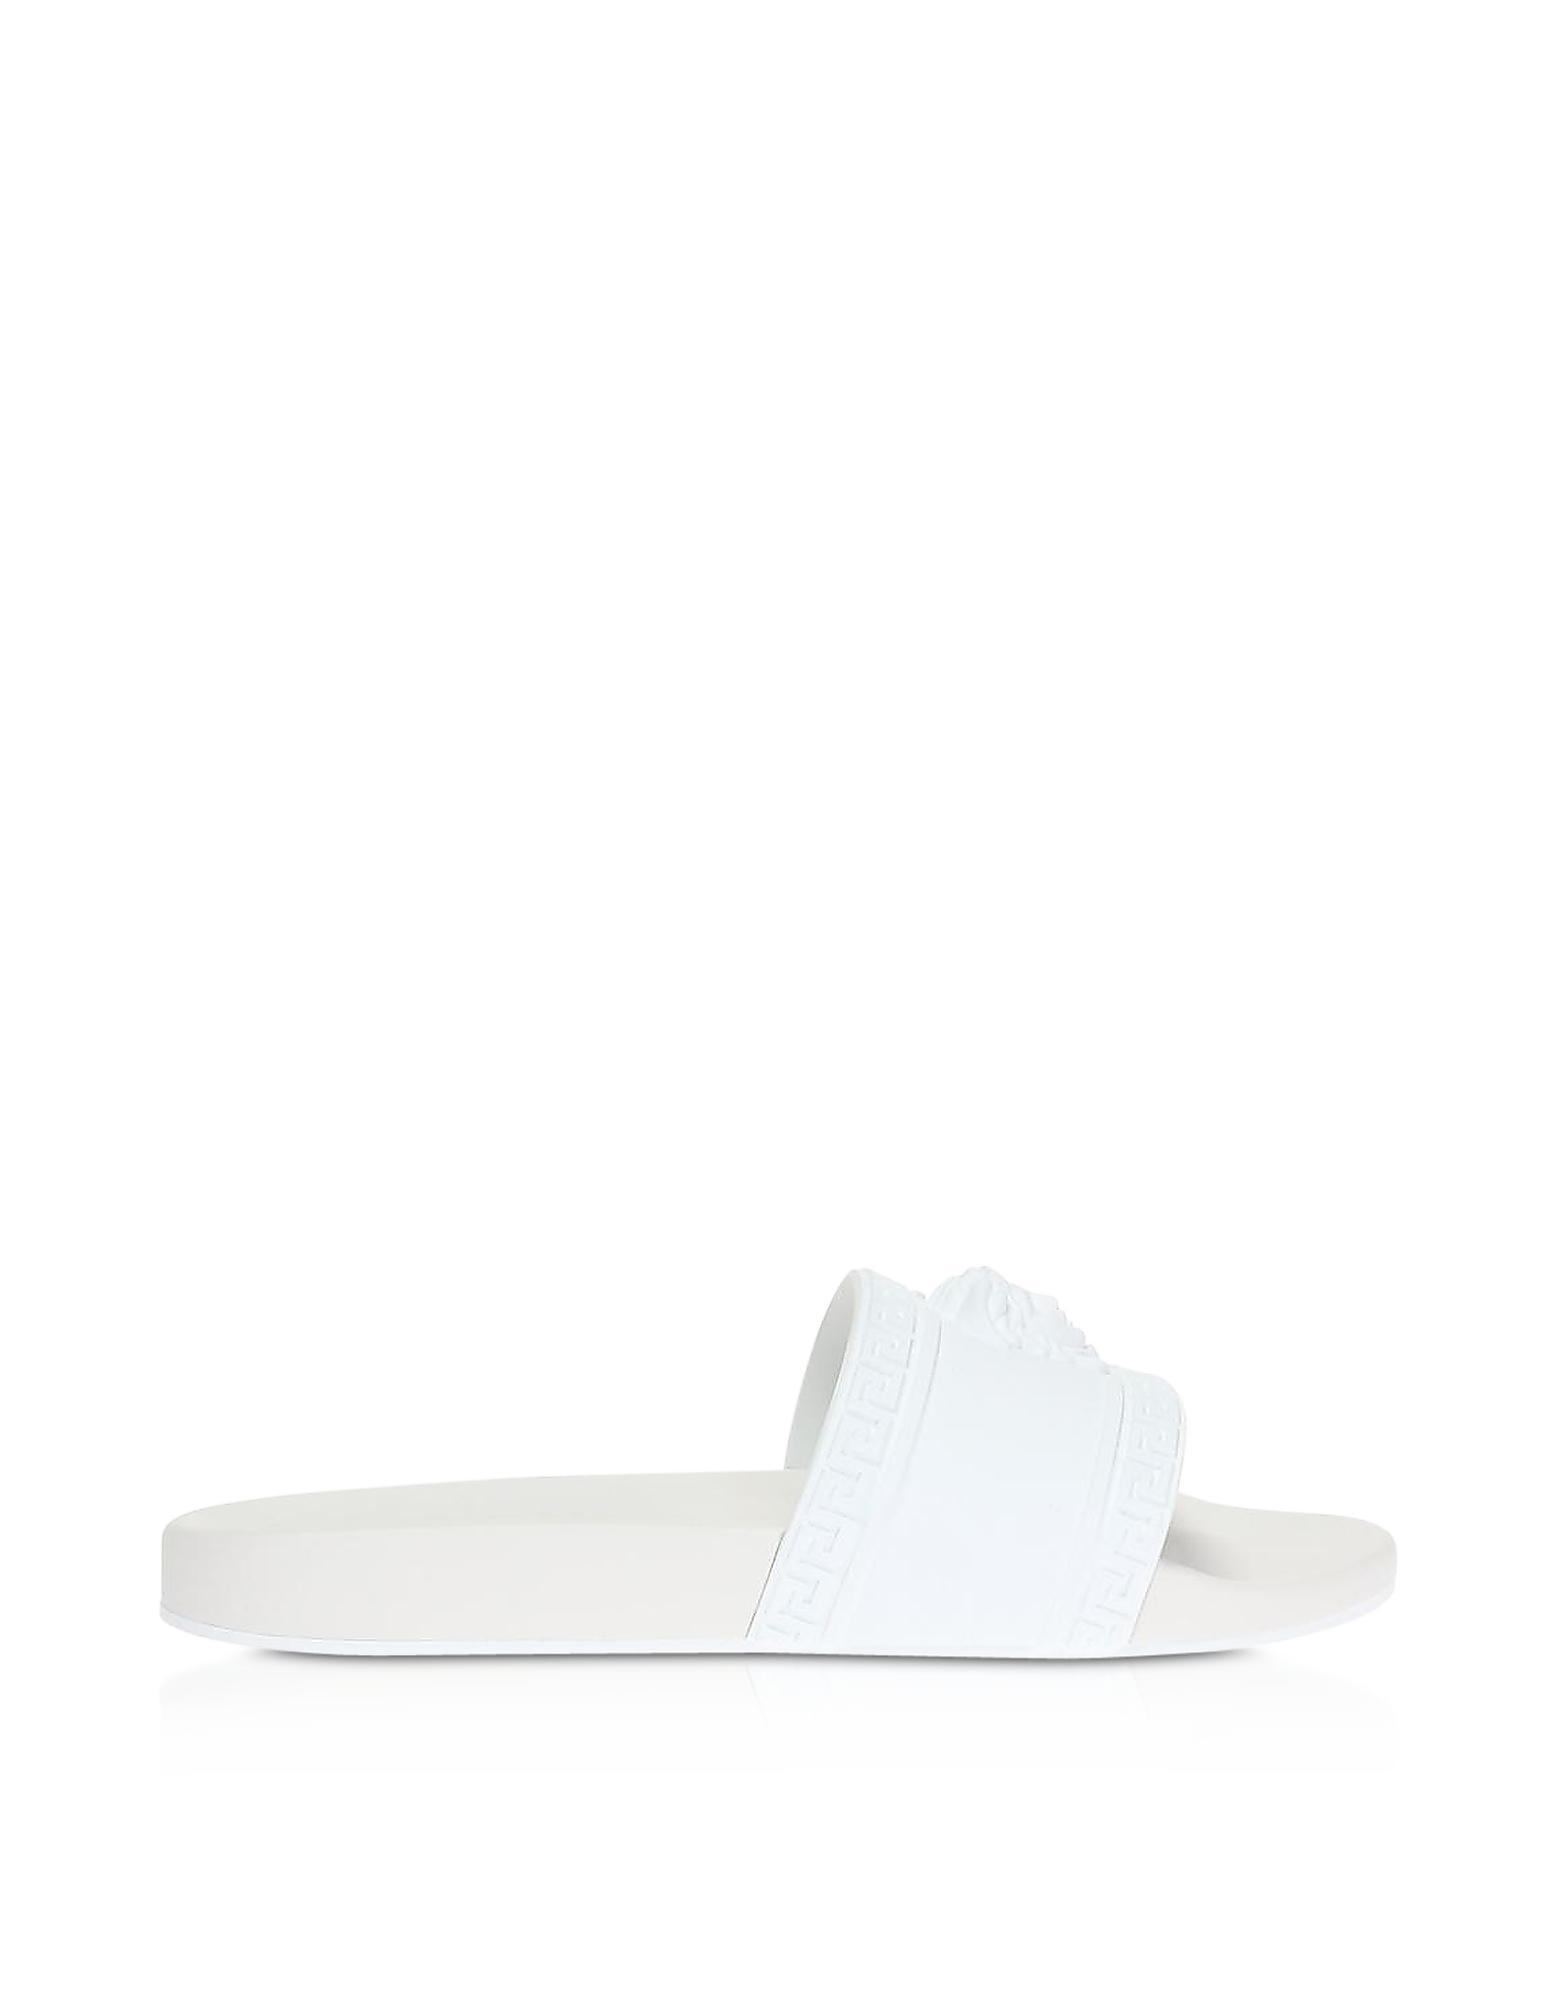 a79feec52 Lyst - Versace Medusa Head Sliders in White for Men